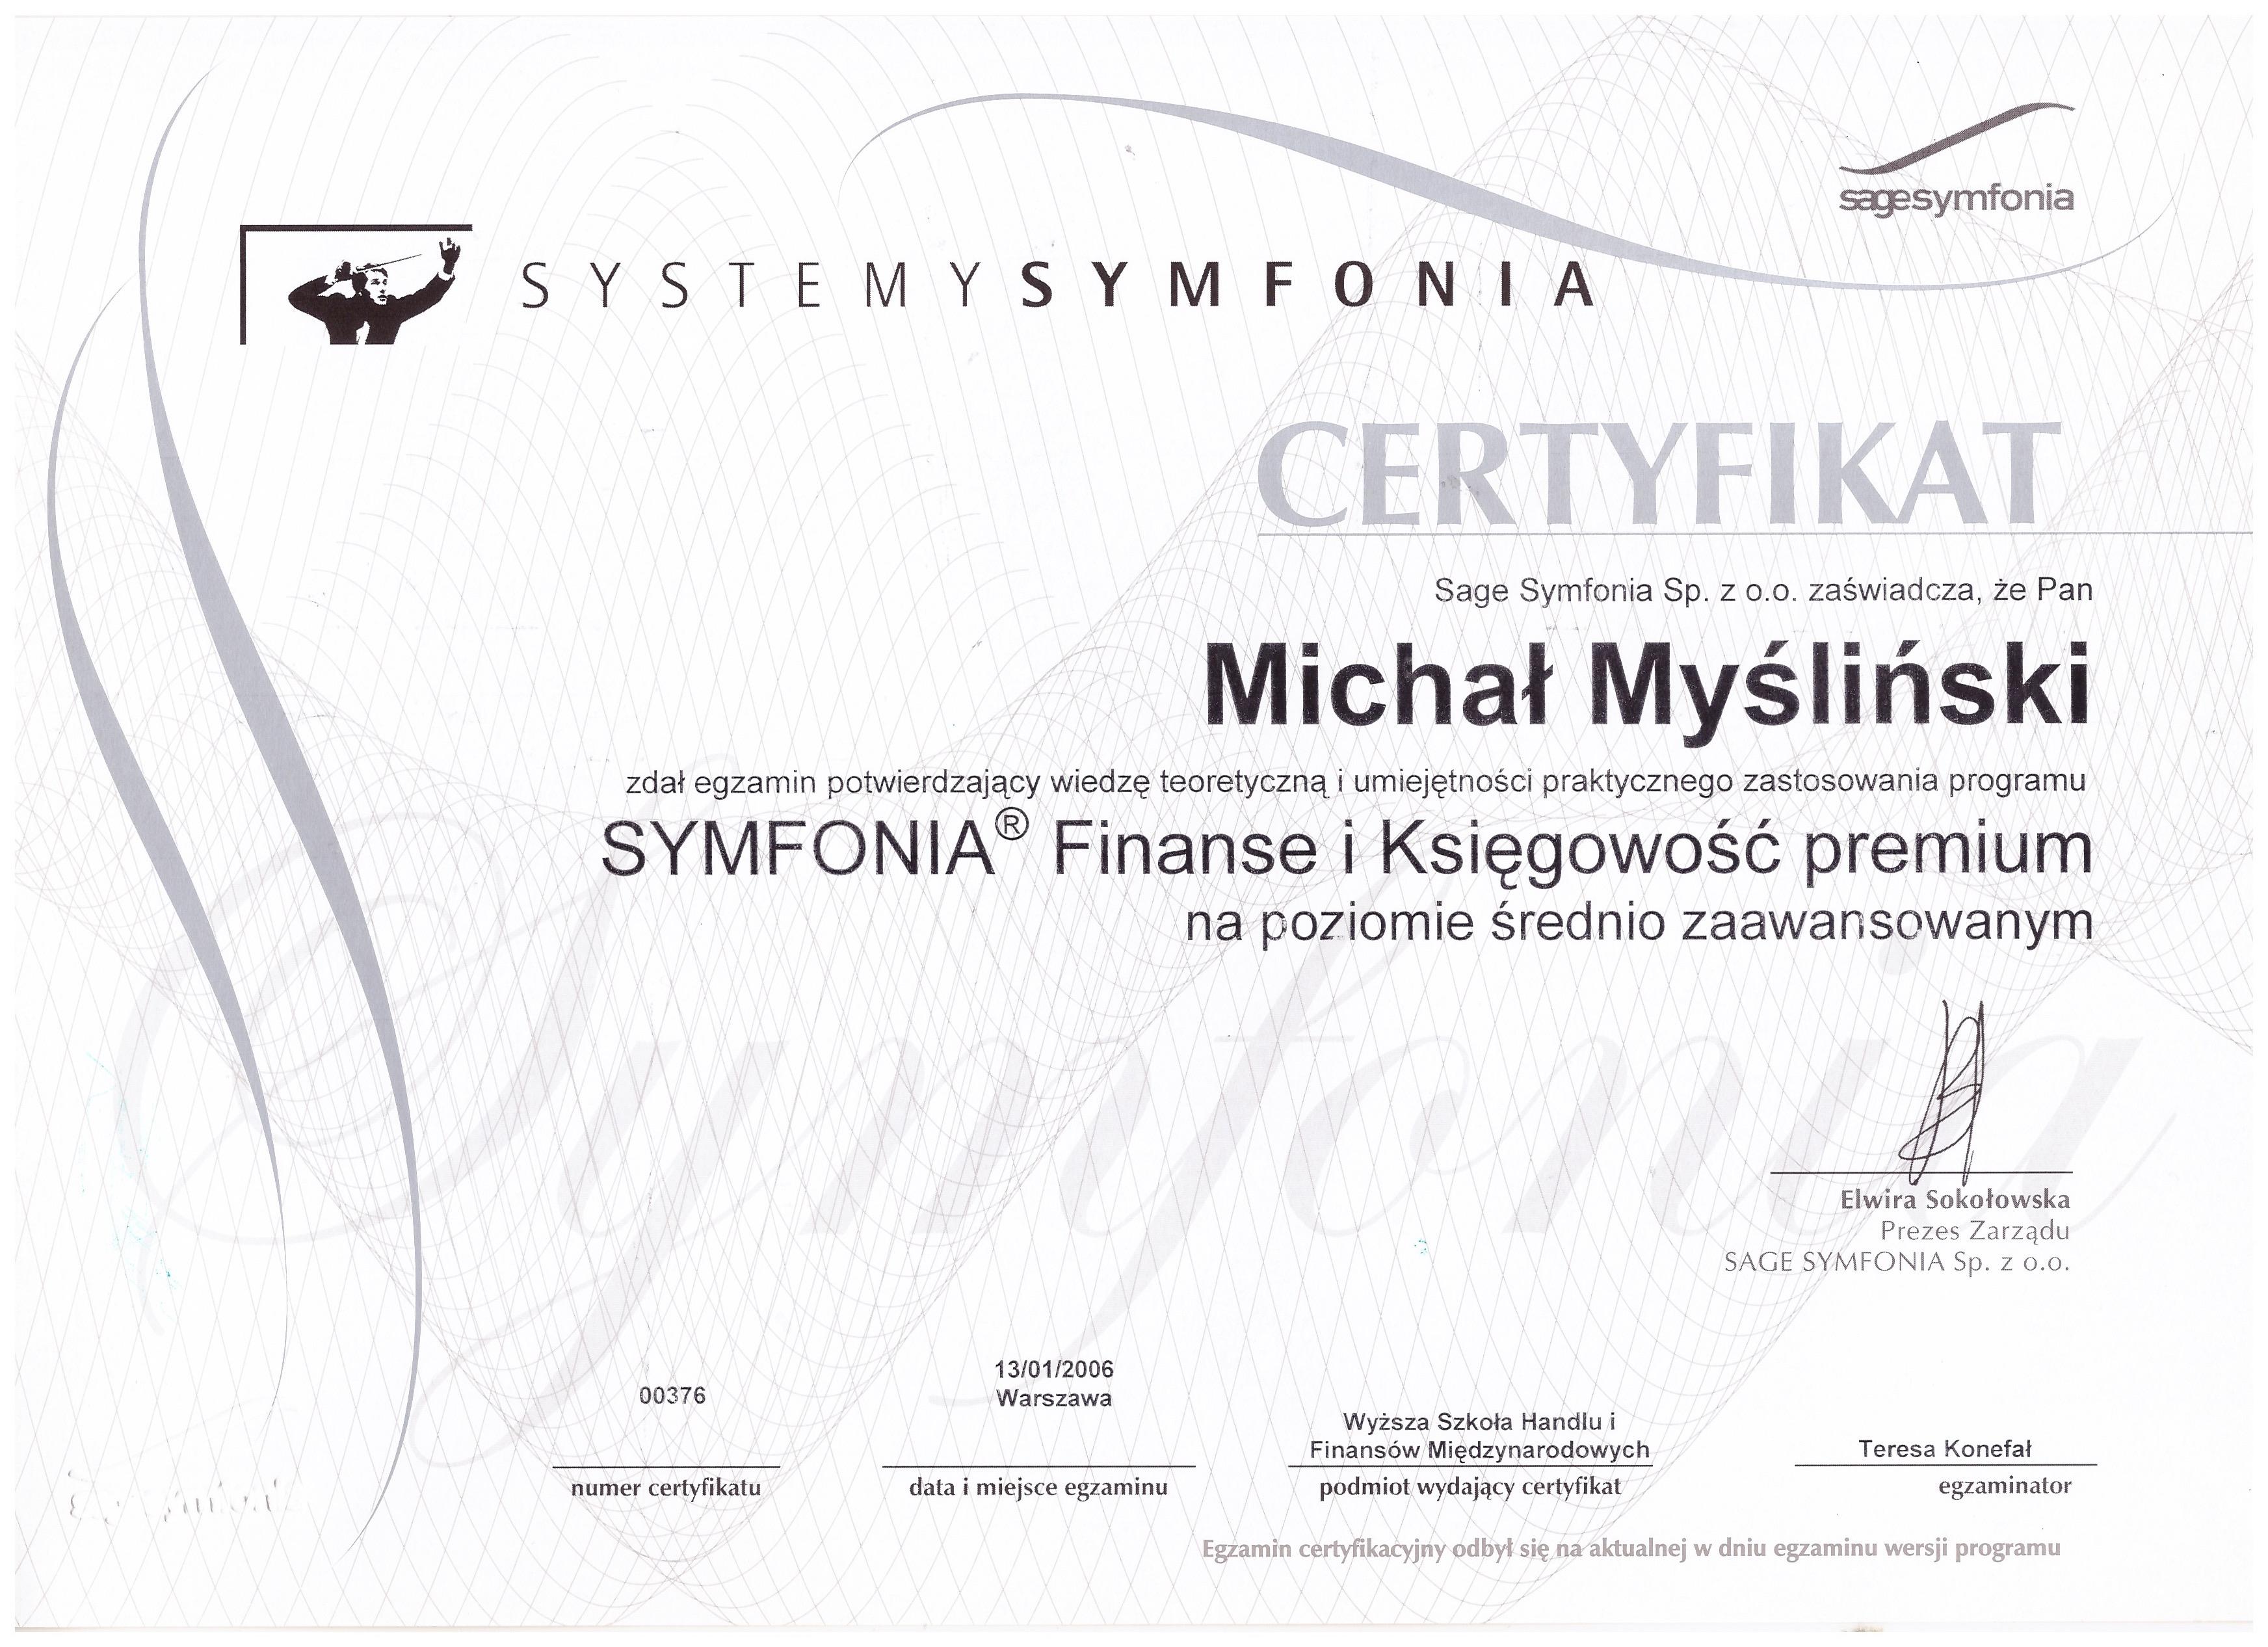 Symfonia Finanse